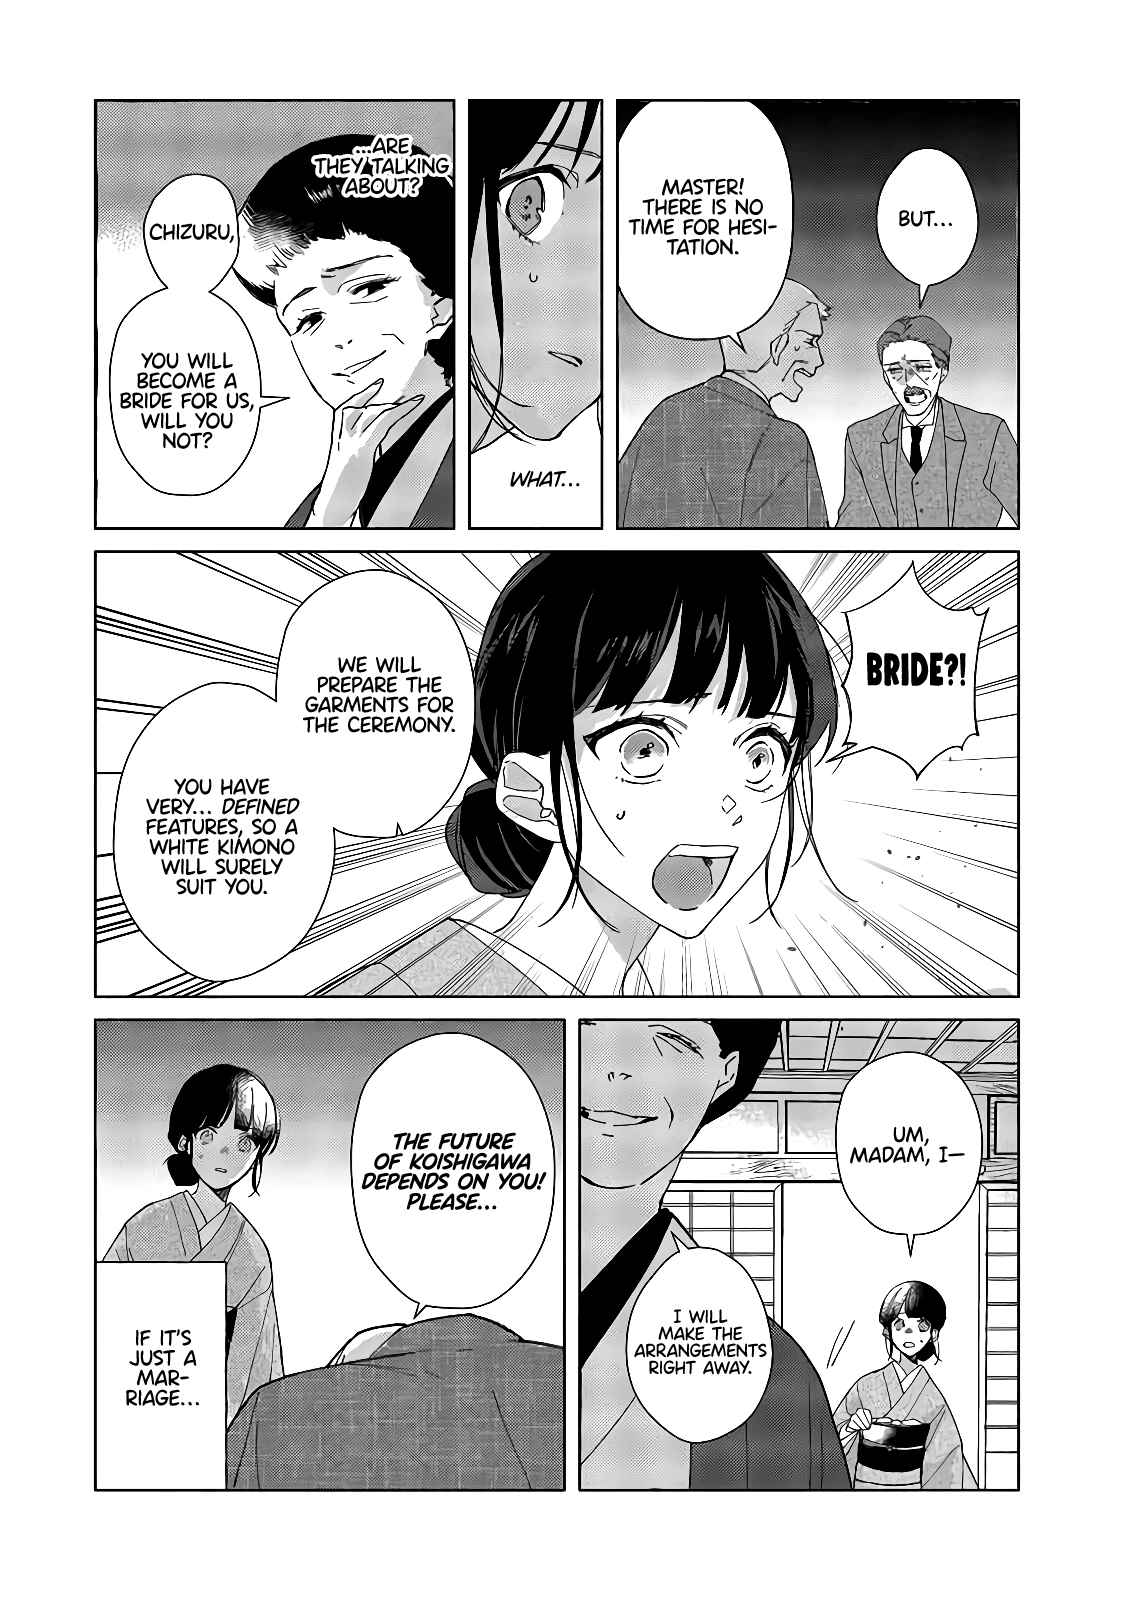 Shinigami no hatsukoi ~Botsuraku Kazoku no Reijou wa Ai wo Shiranai Shinigami ni Totsugu - chapter 1-eng-li